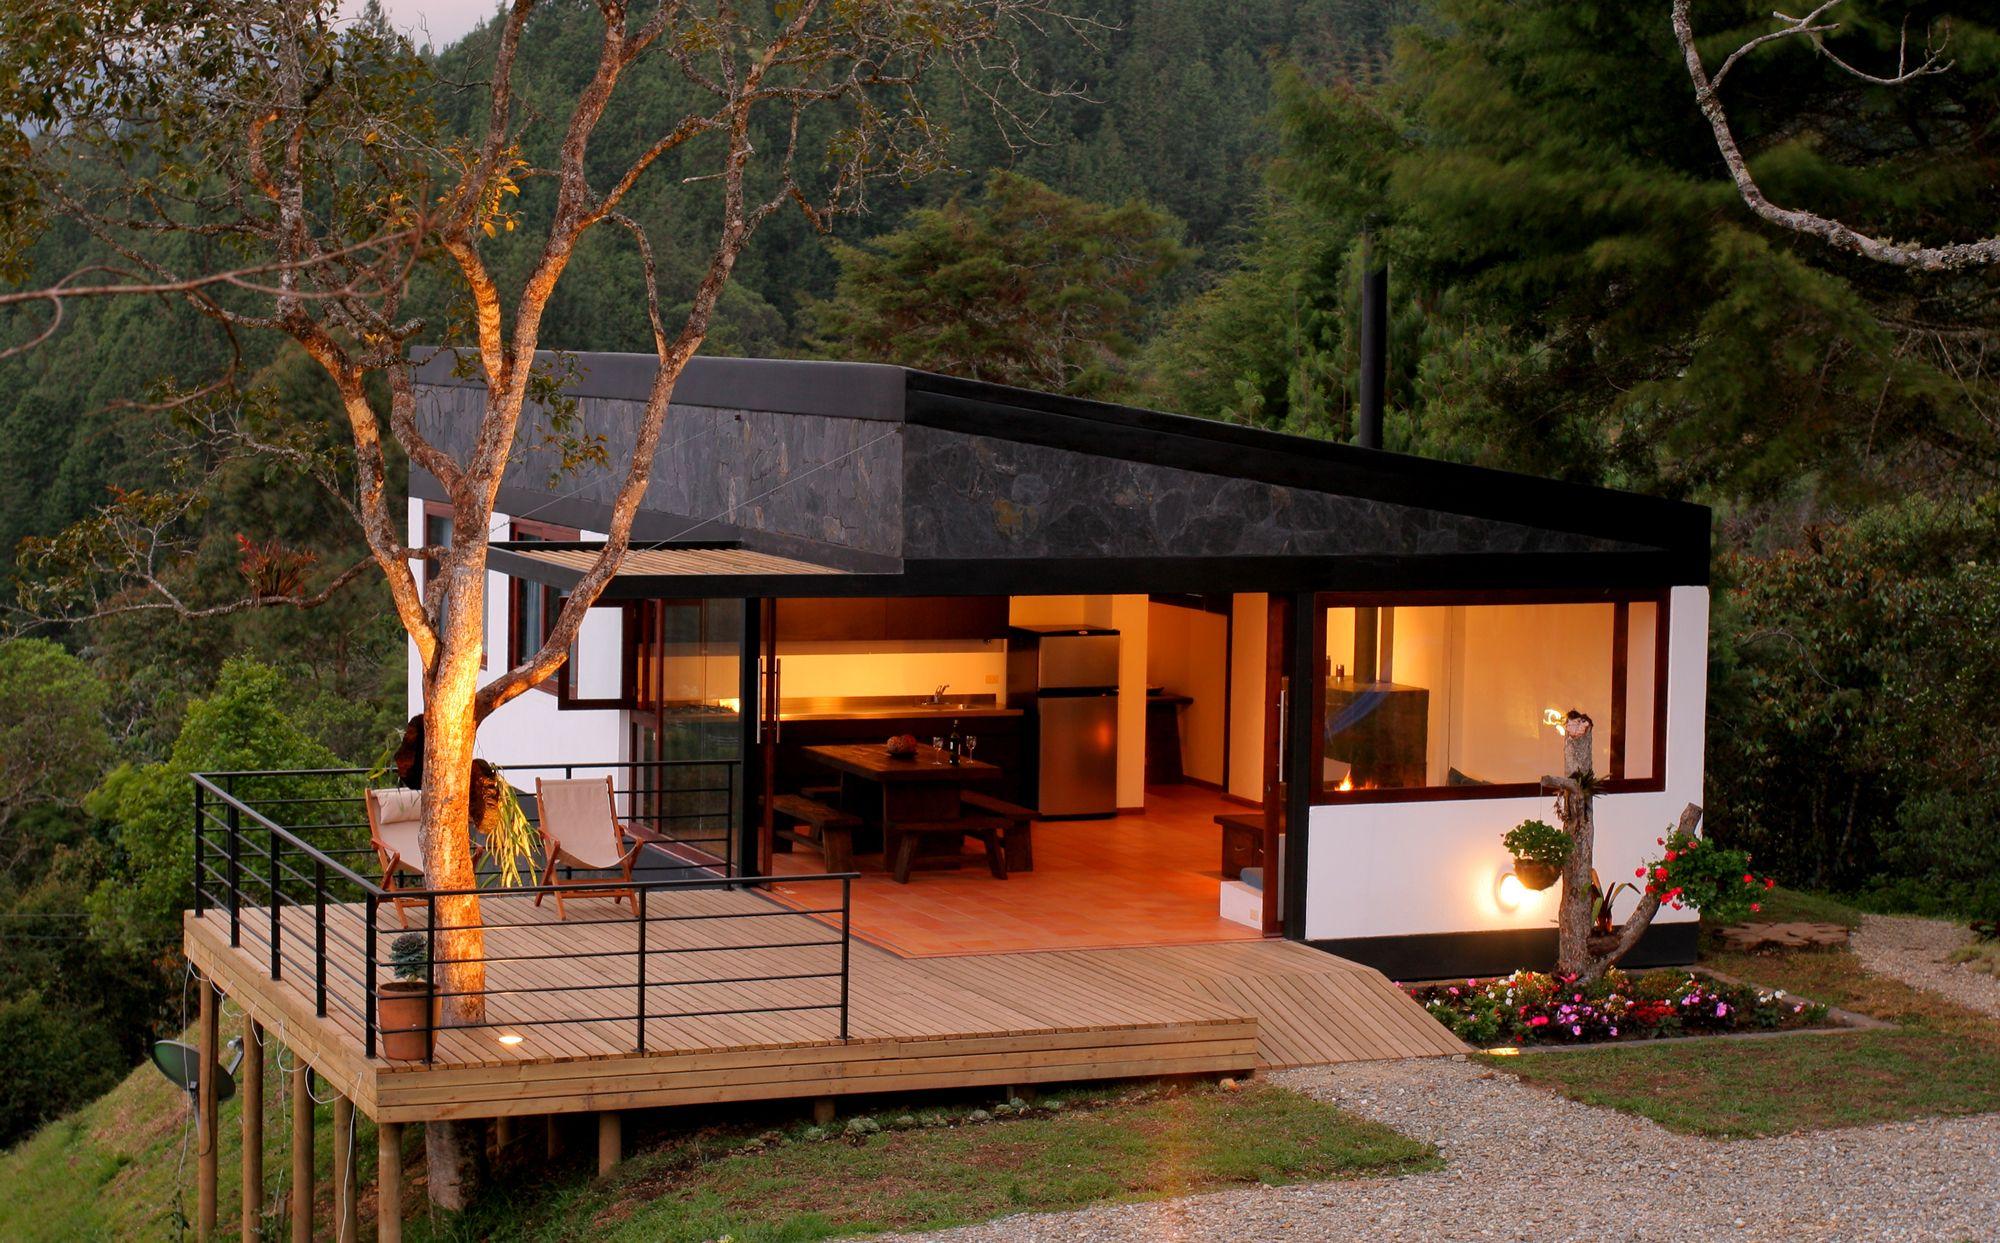 4 refugio en el bosque 7 casas techo un plano - Refugios de madera prefabricados ...